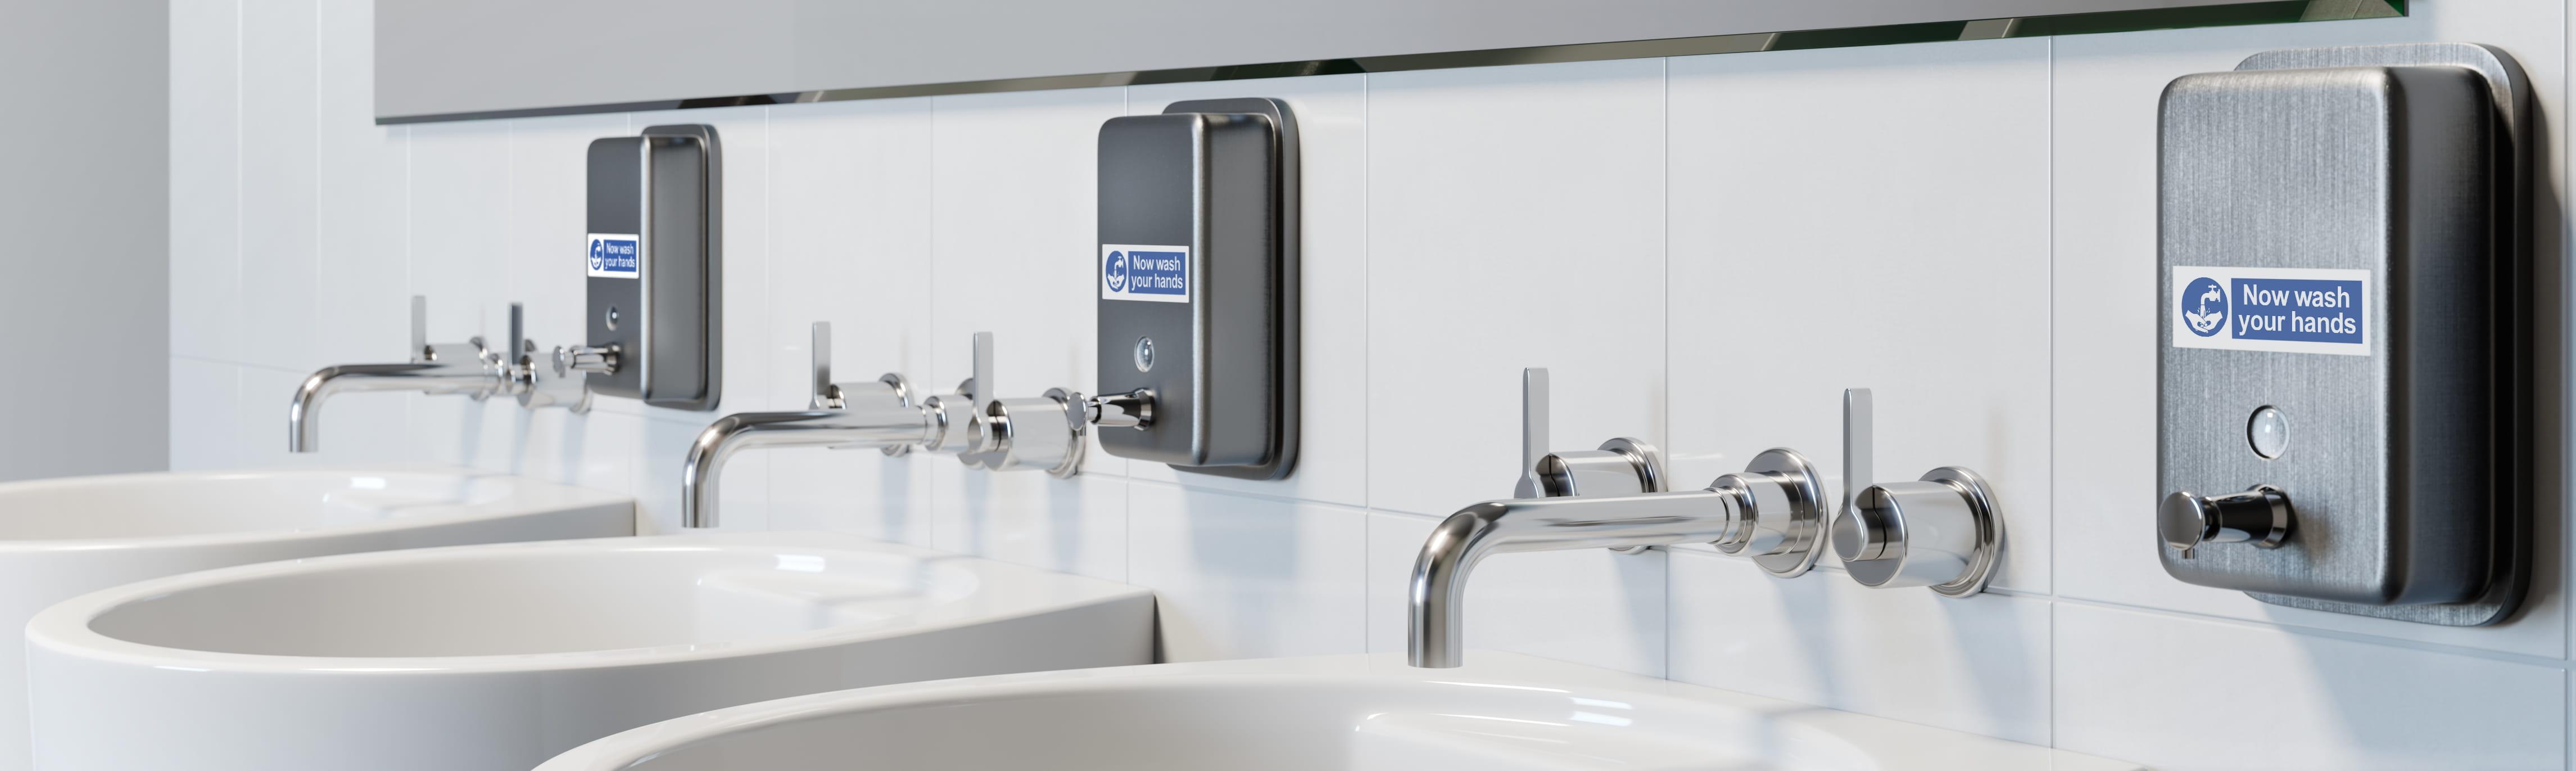 Tři umyvadla v koupelně se štítky p-touch